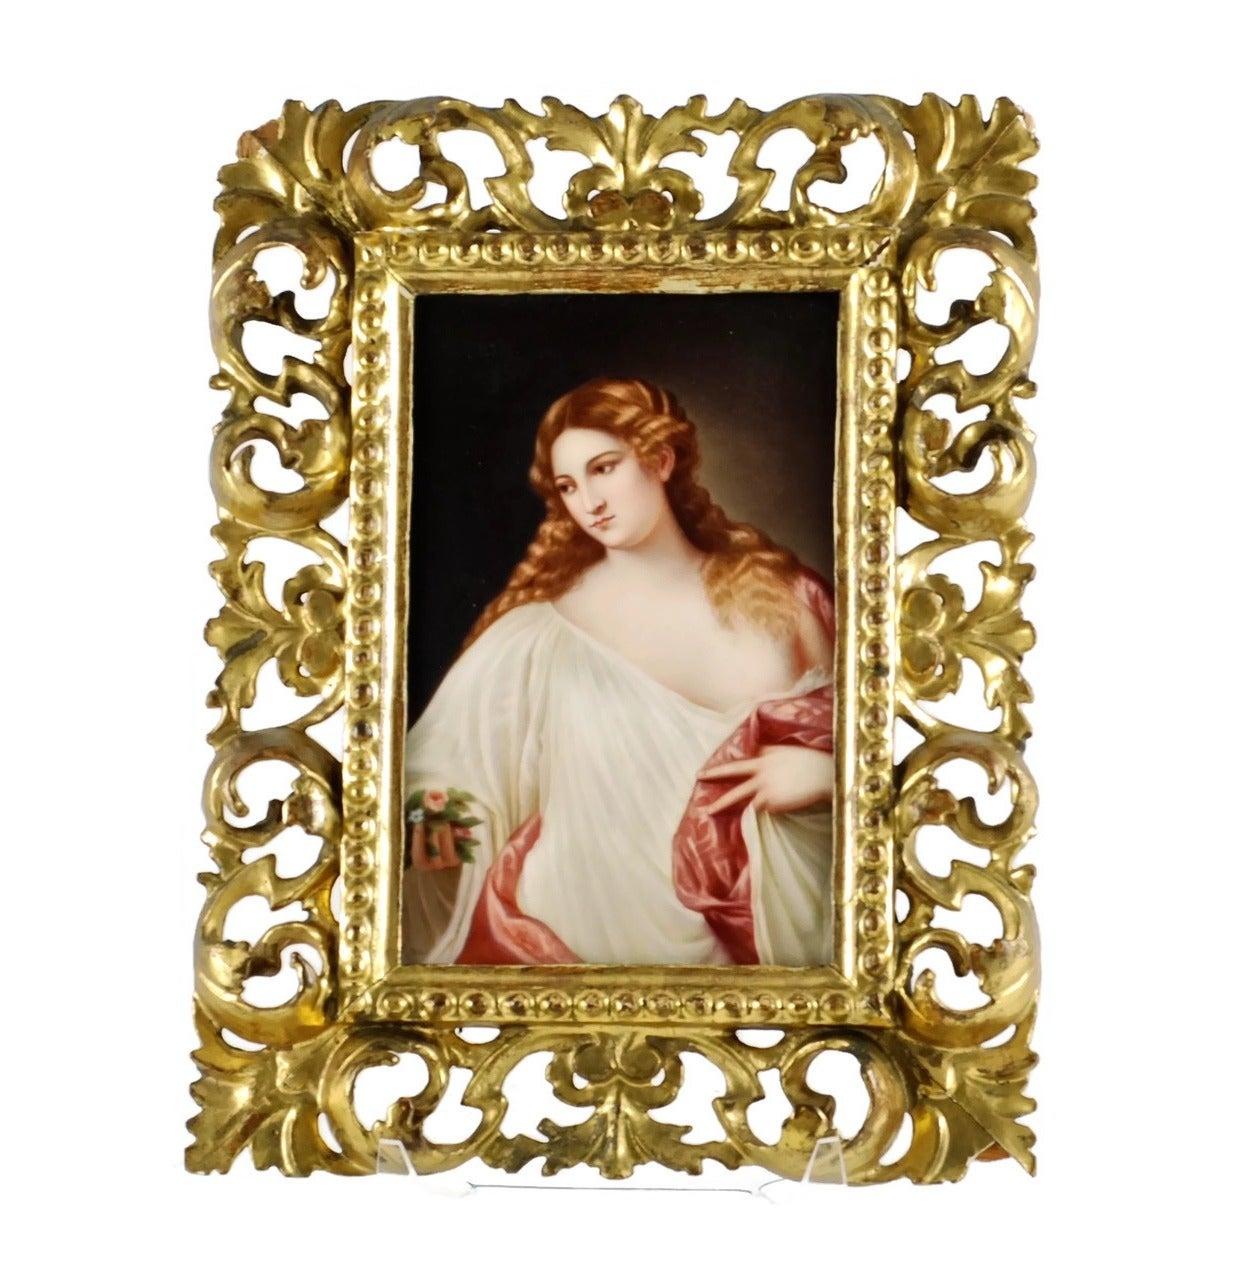 Renaissance 19th Century Hand-Painted Porcelain Plaque,